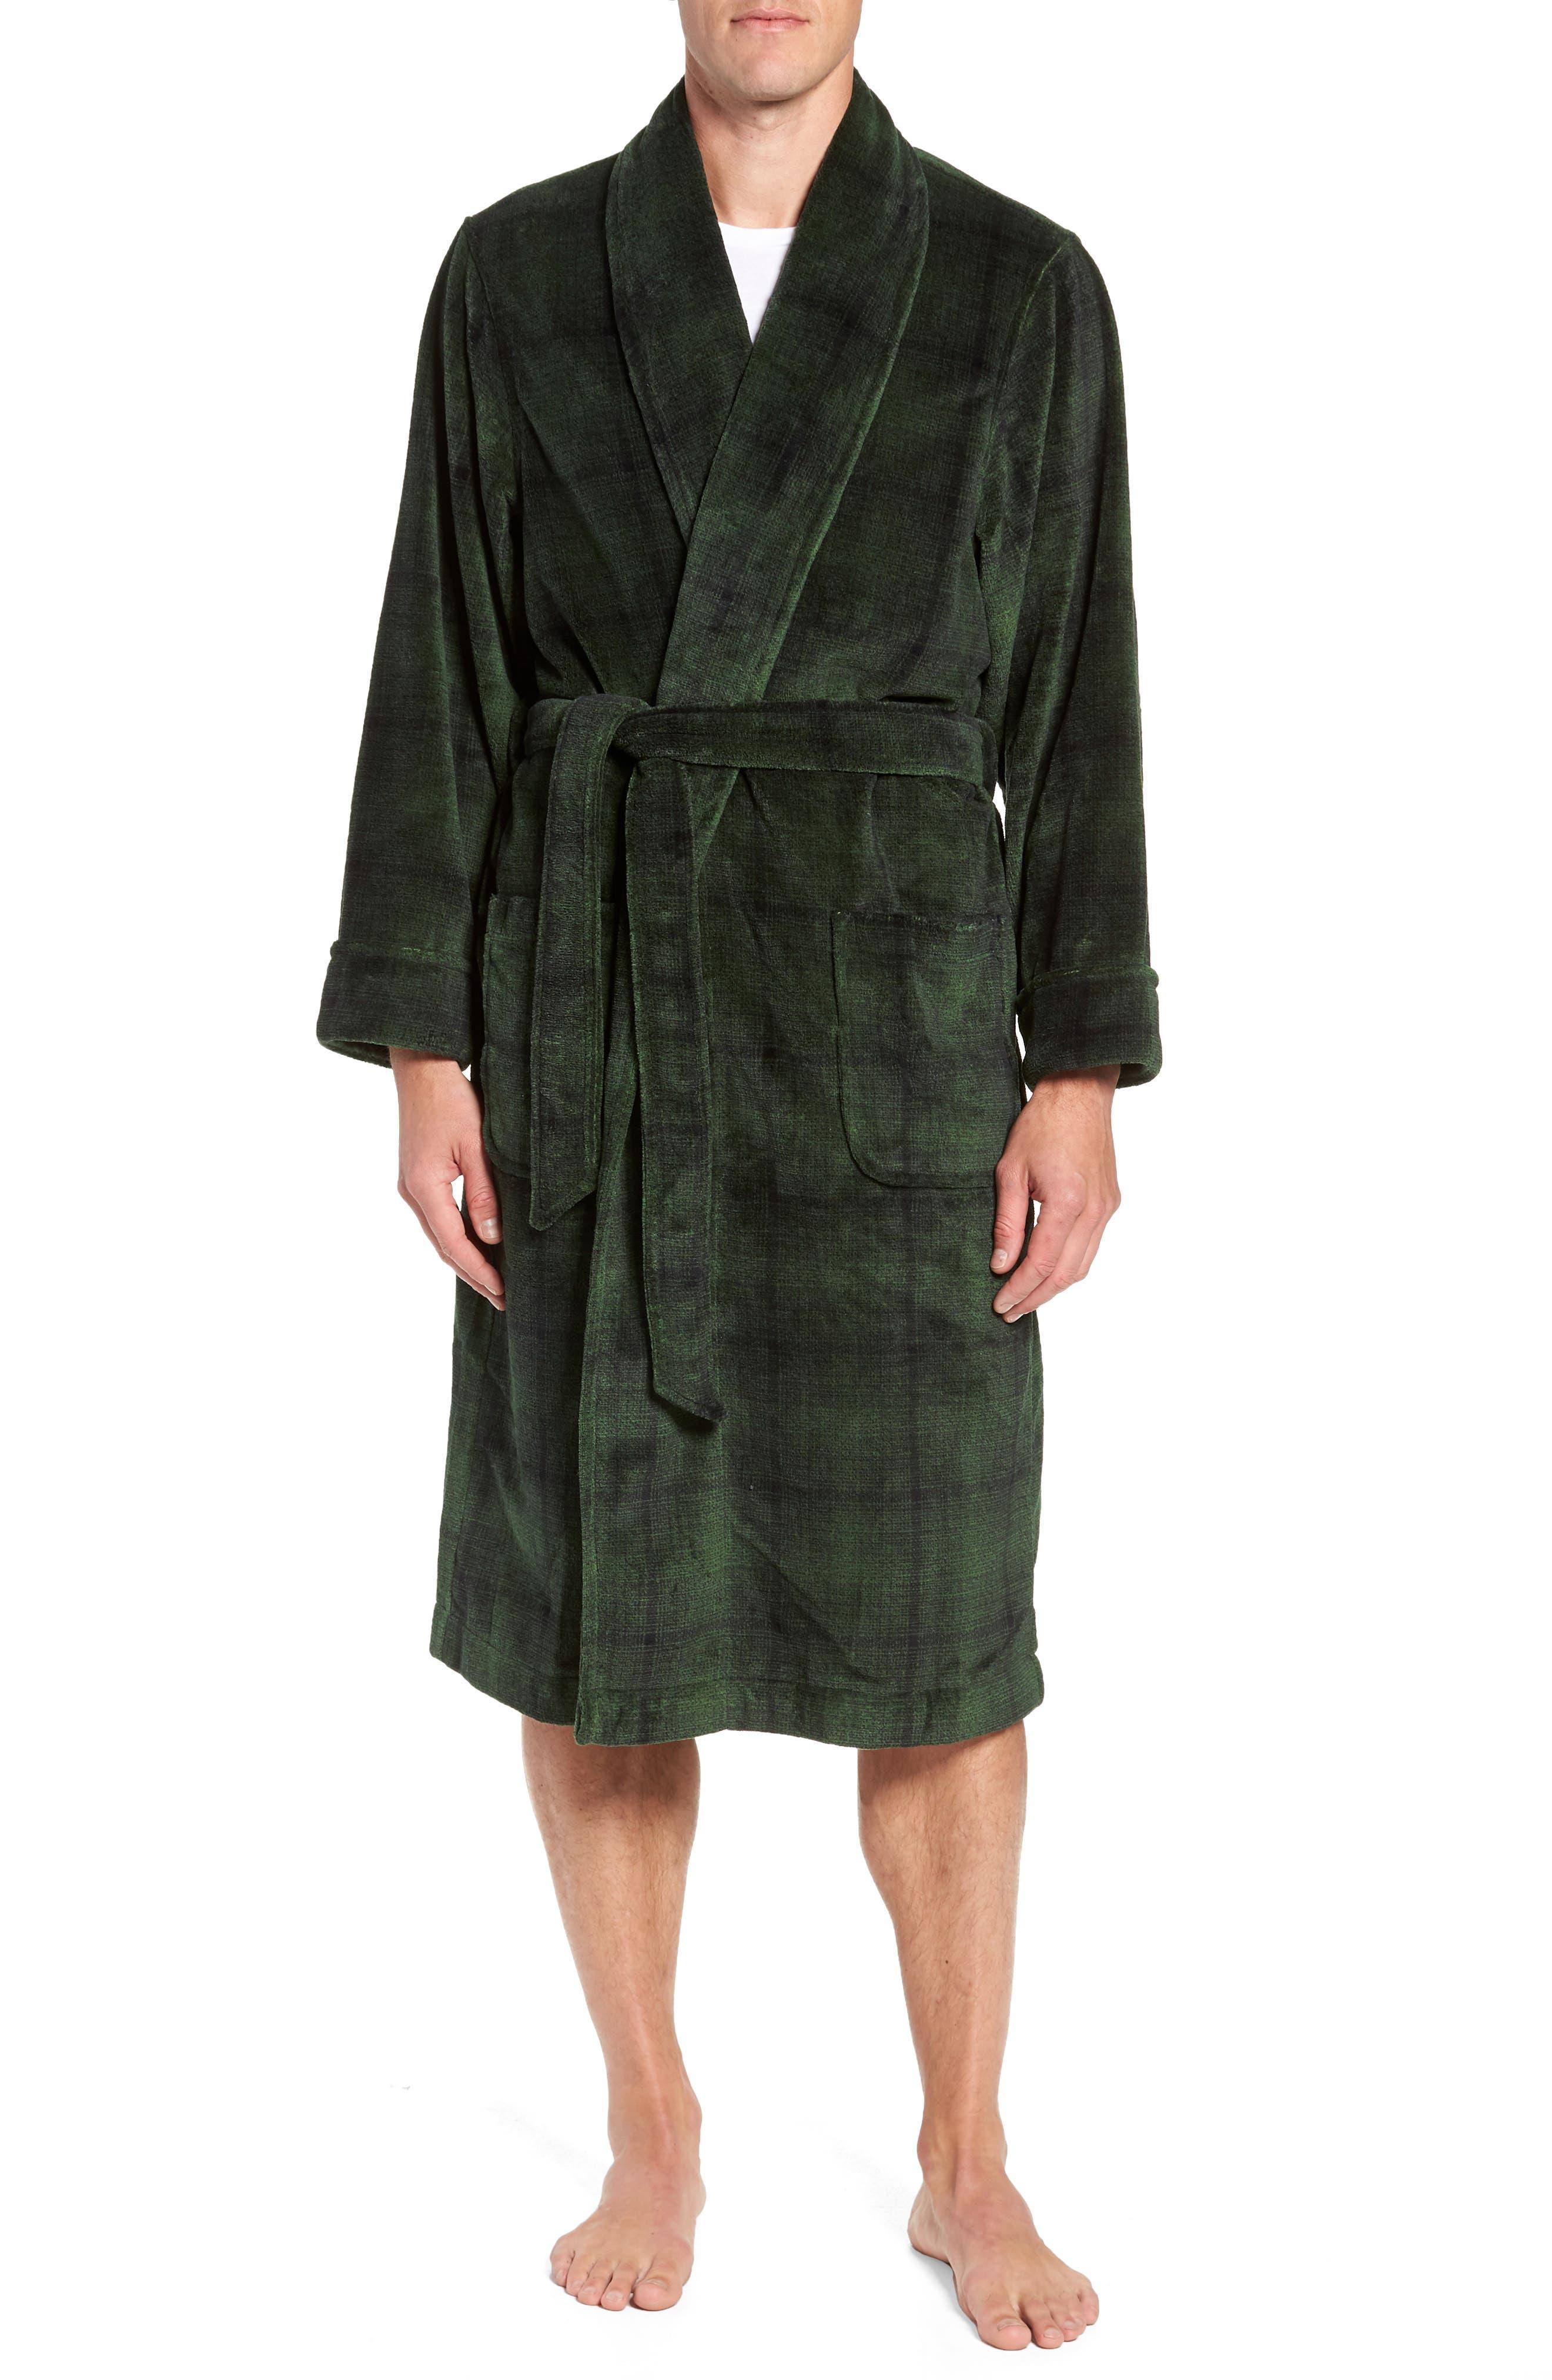 NORDSTROM MEN'S SHOP Ombré Plaid Fleece Robe, Main, color, GREEN - BLACK OMBRE PLAID